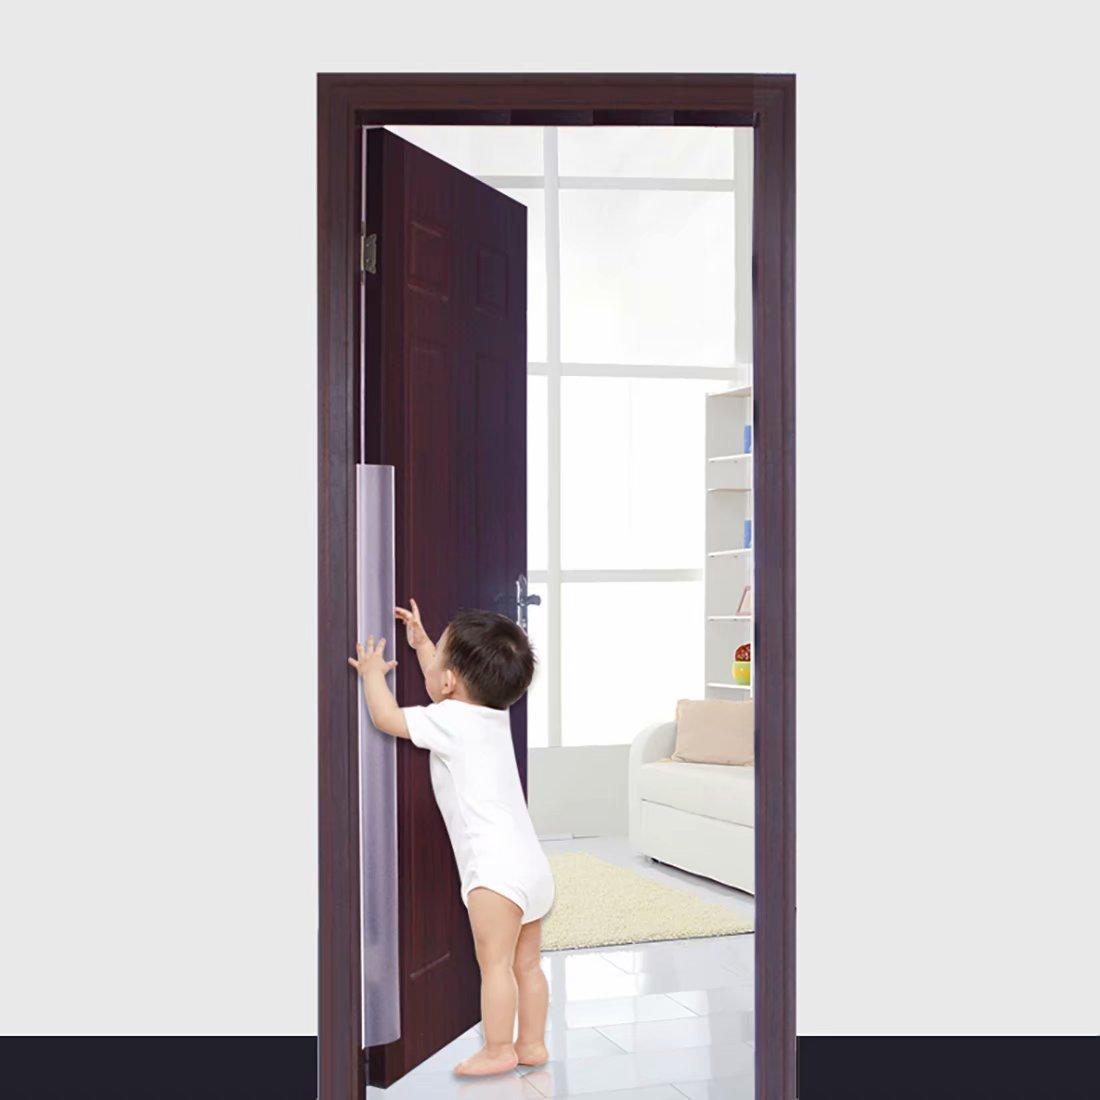 Children's Anti-Grip Door Sewing Strip Protection Strips Baby Child Safety Anti-Slip Door Hand Protection Kindergarten Door Shield Child Anti-Pinch Children 50/9CM